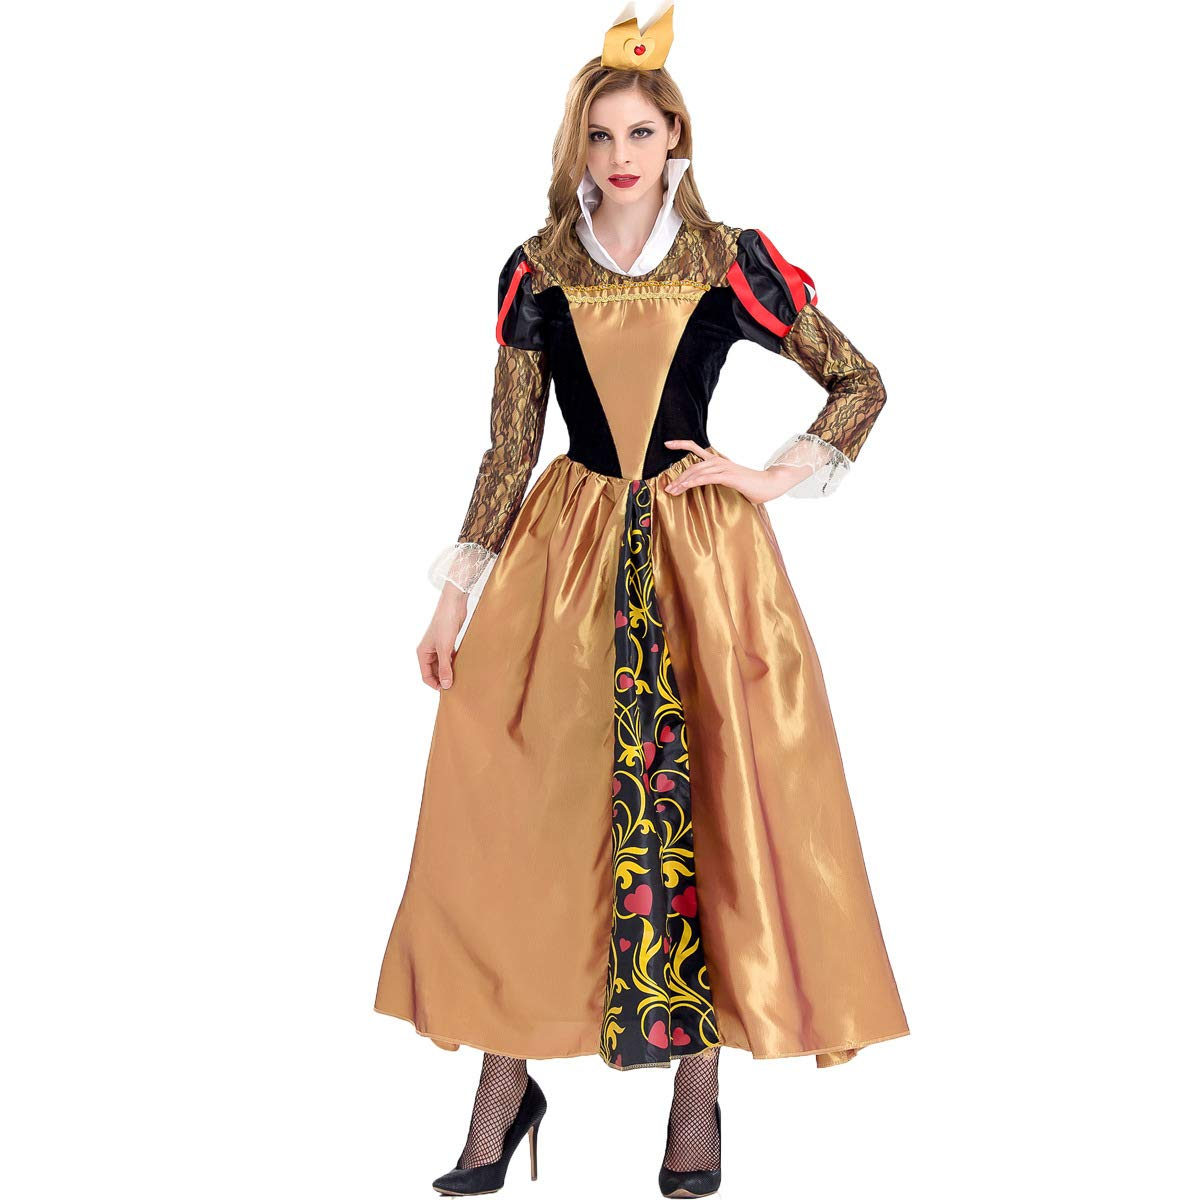 Simmia Halloween Kostüm,Königin COS, die Retro- Palastkostüm Halloween-Giftkönigin, 9066, M B07H5F6WH1 Kostüme für Erwachsene Schöne Farbe  | Kostengünstiger